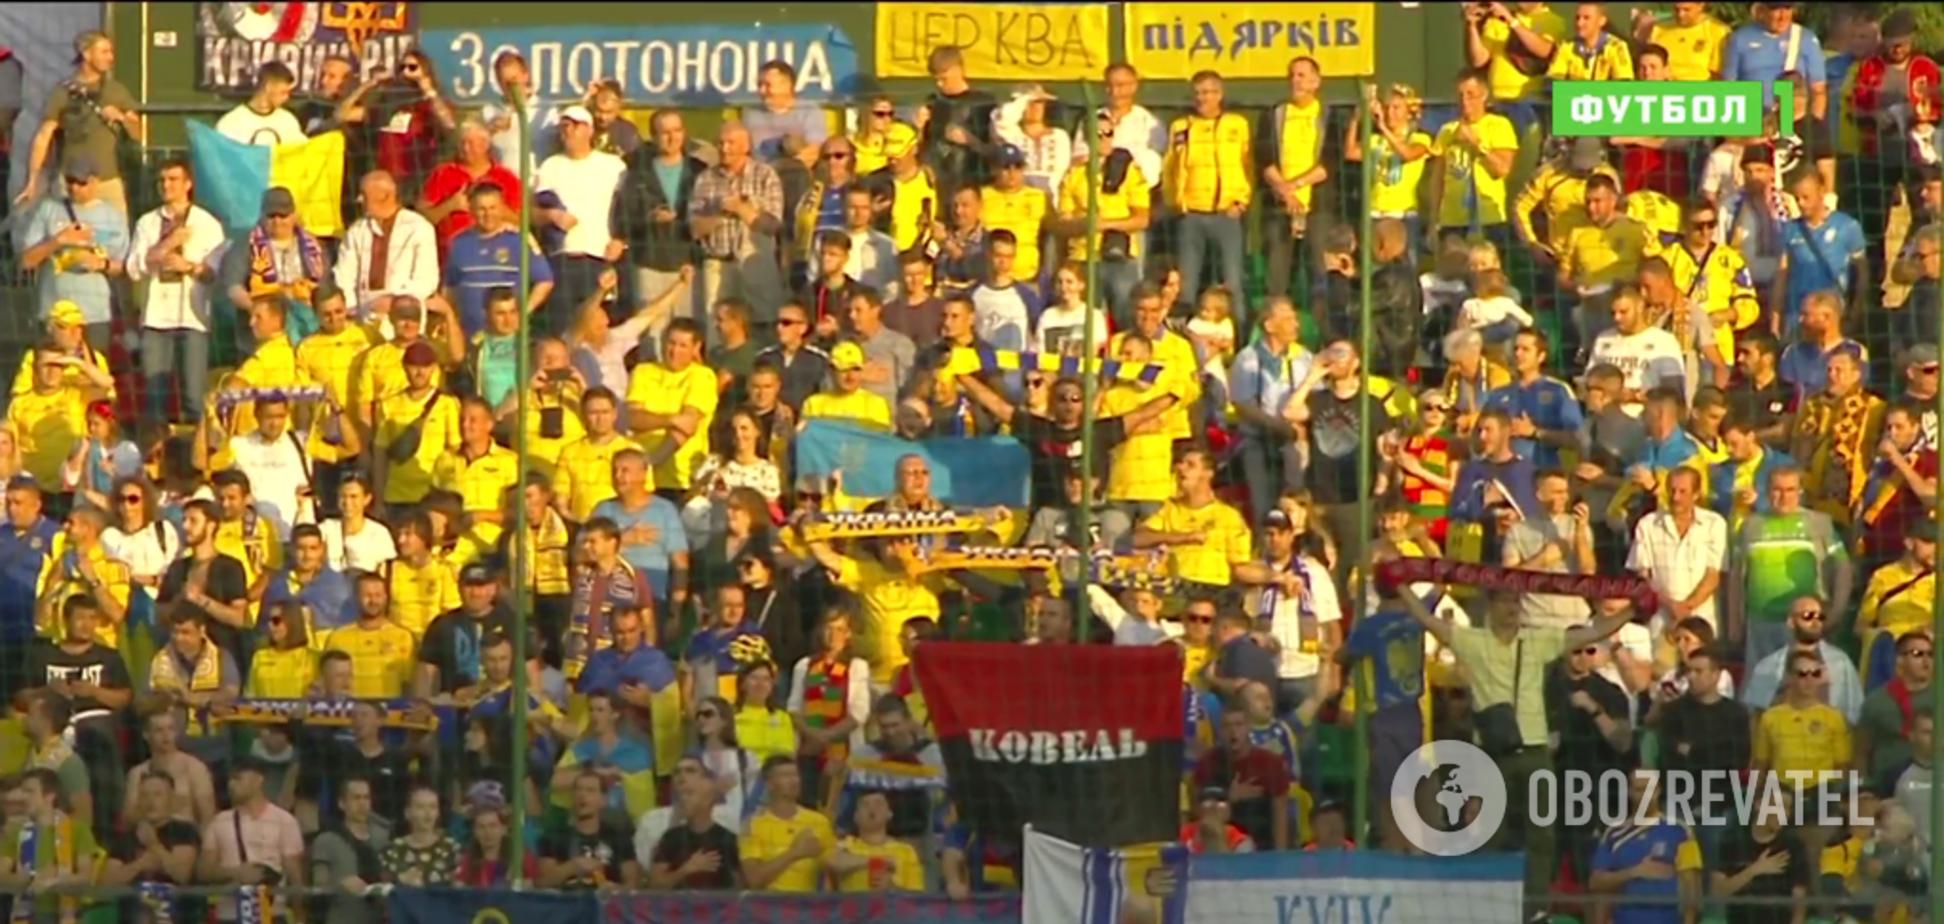 'Путин — х**ло' от украинцев попало в прямой эфир российского ТВ